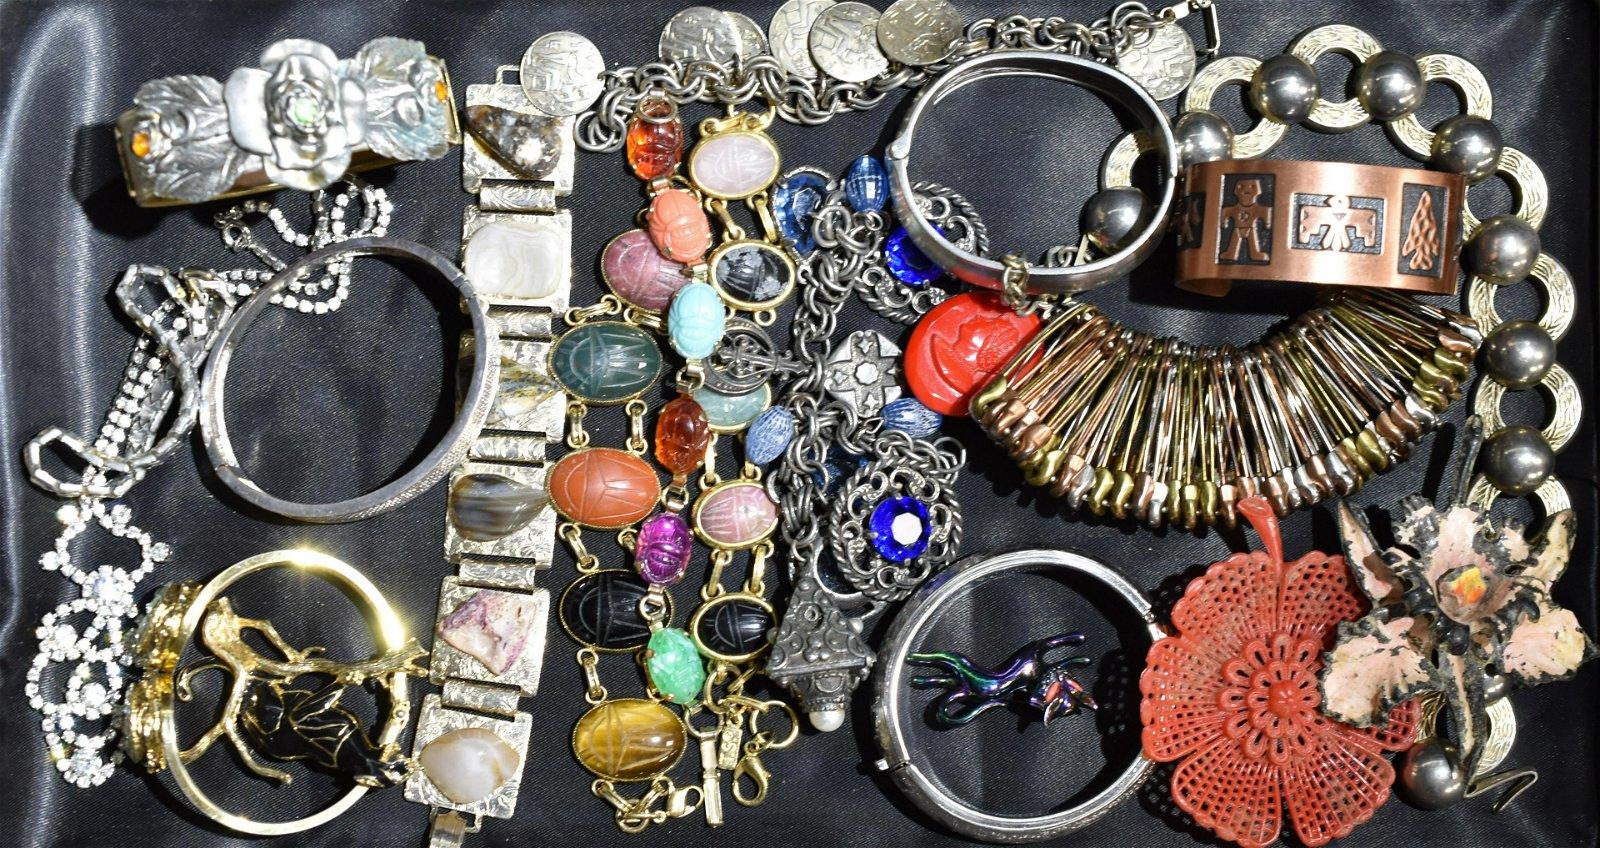 Large Vintage Brooch & Bracelet Grouping